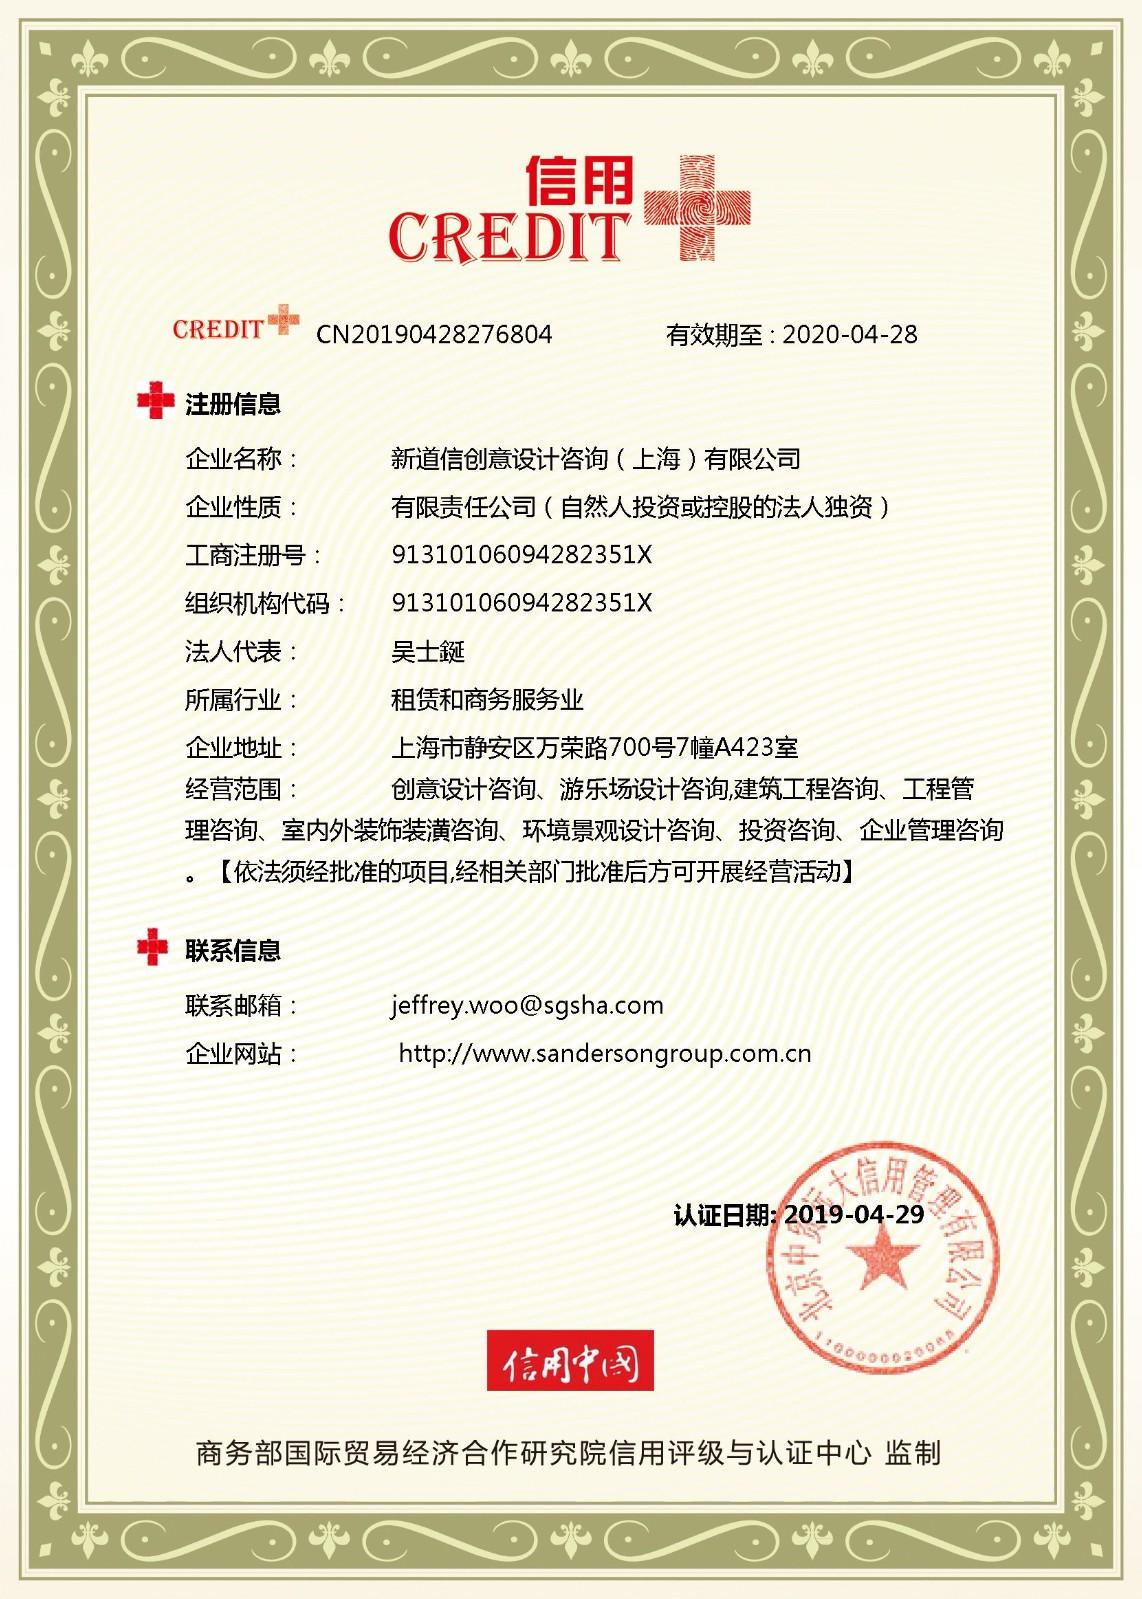 新道信创意设计咨询(上海)有限企业.jpg